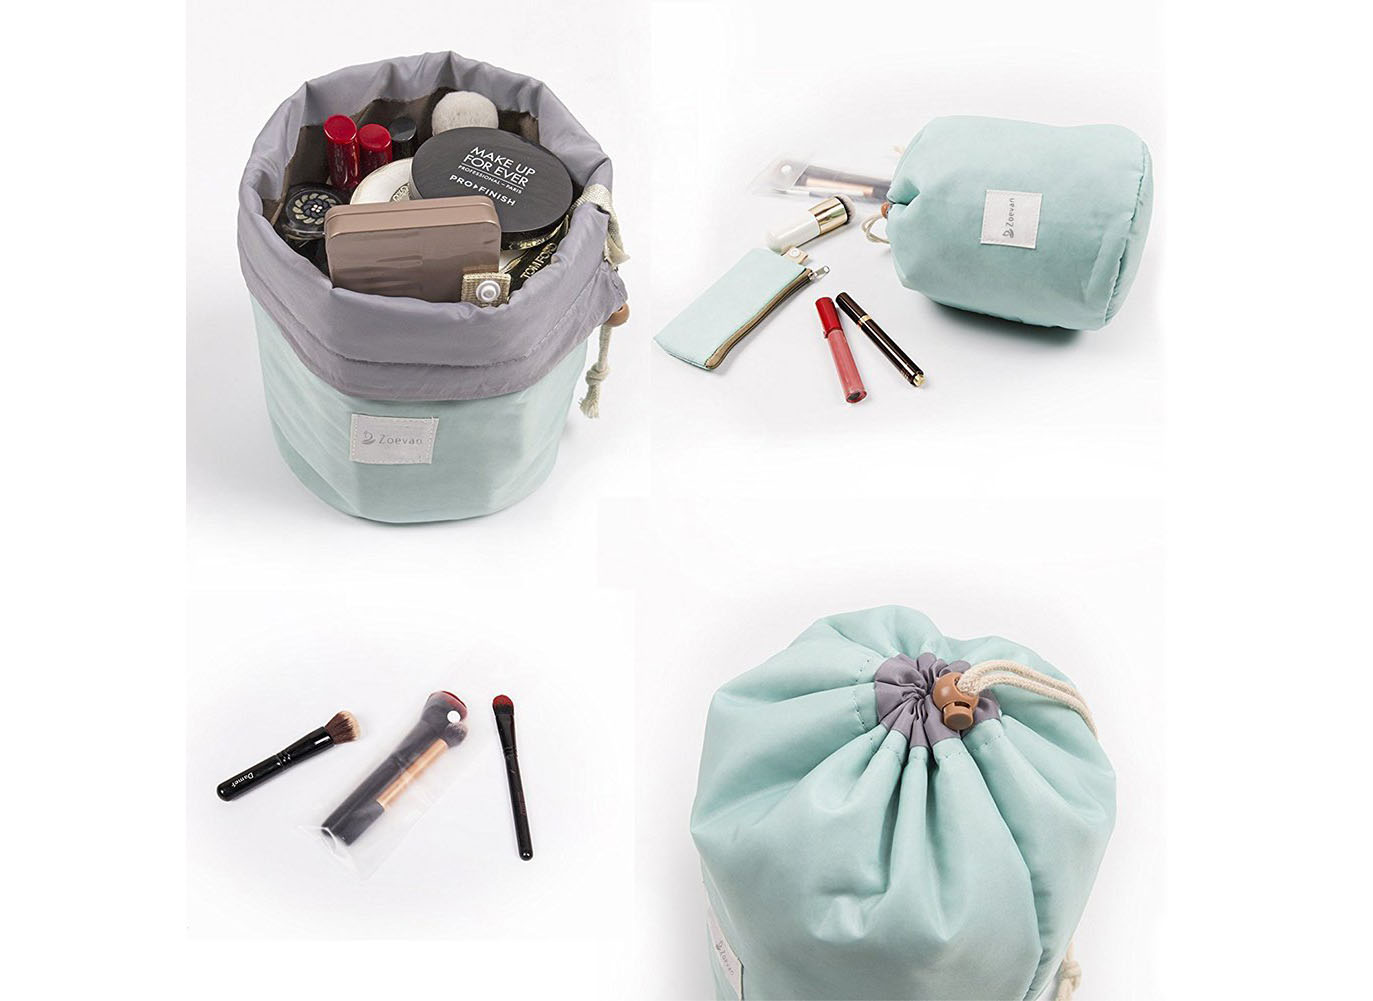 Zoevan Waterproof Cosmetic Bag